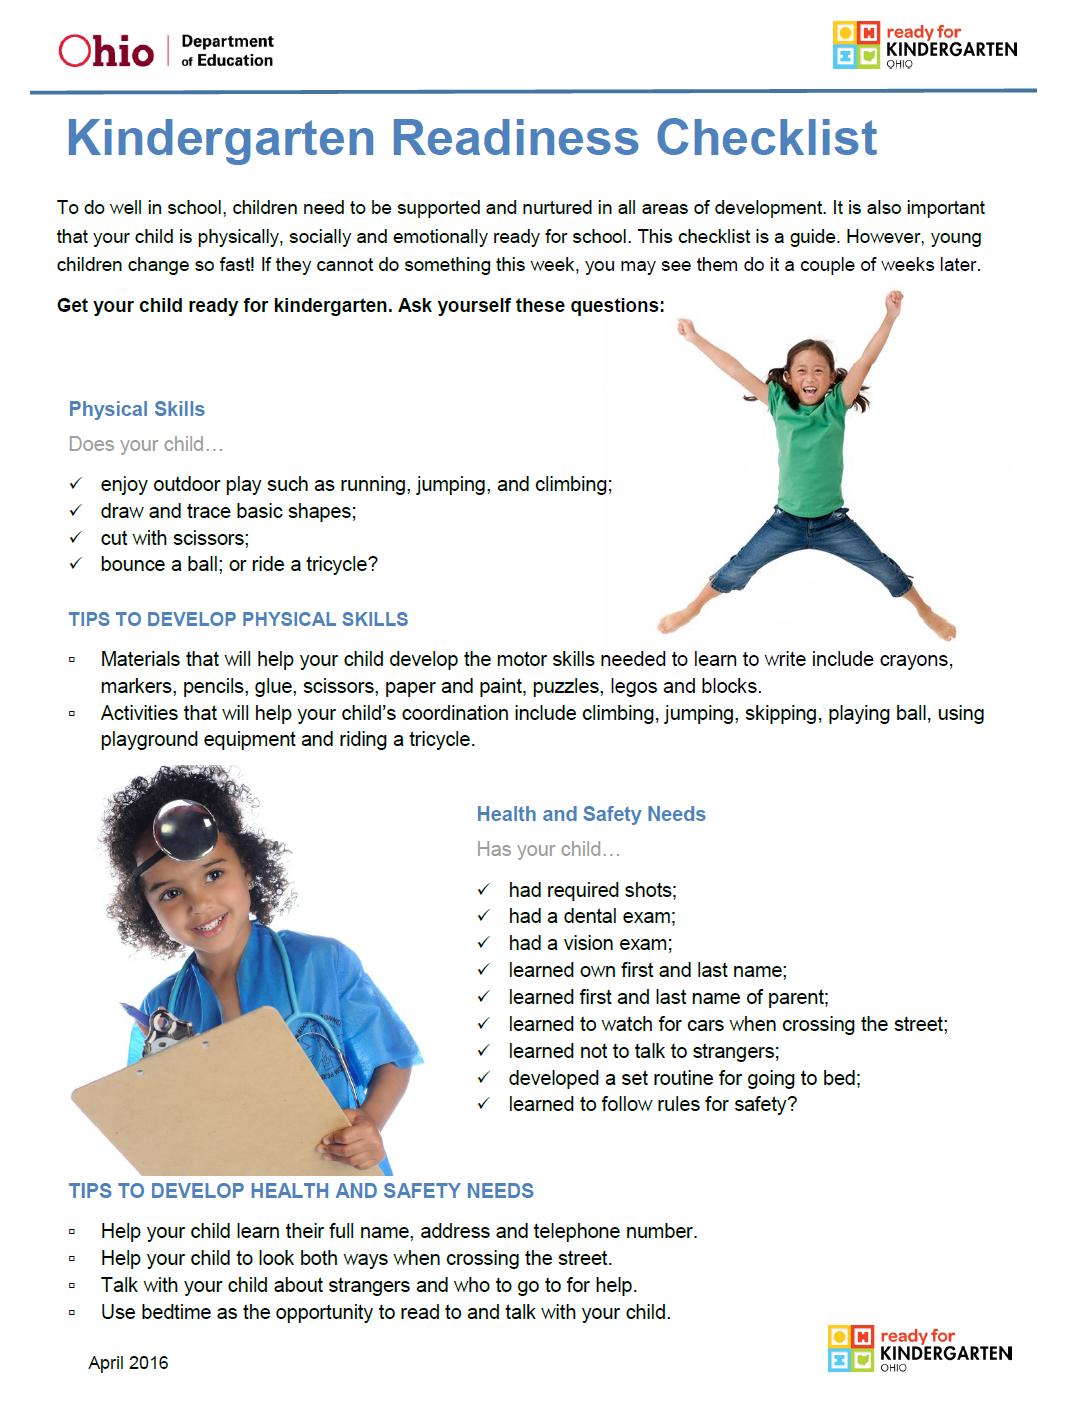 Preschool Ponderings Kindergarten Readiness Checklist